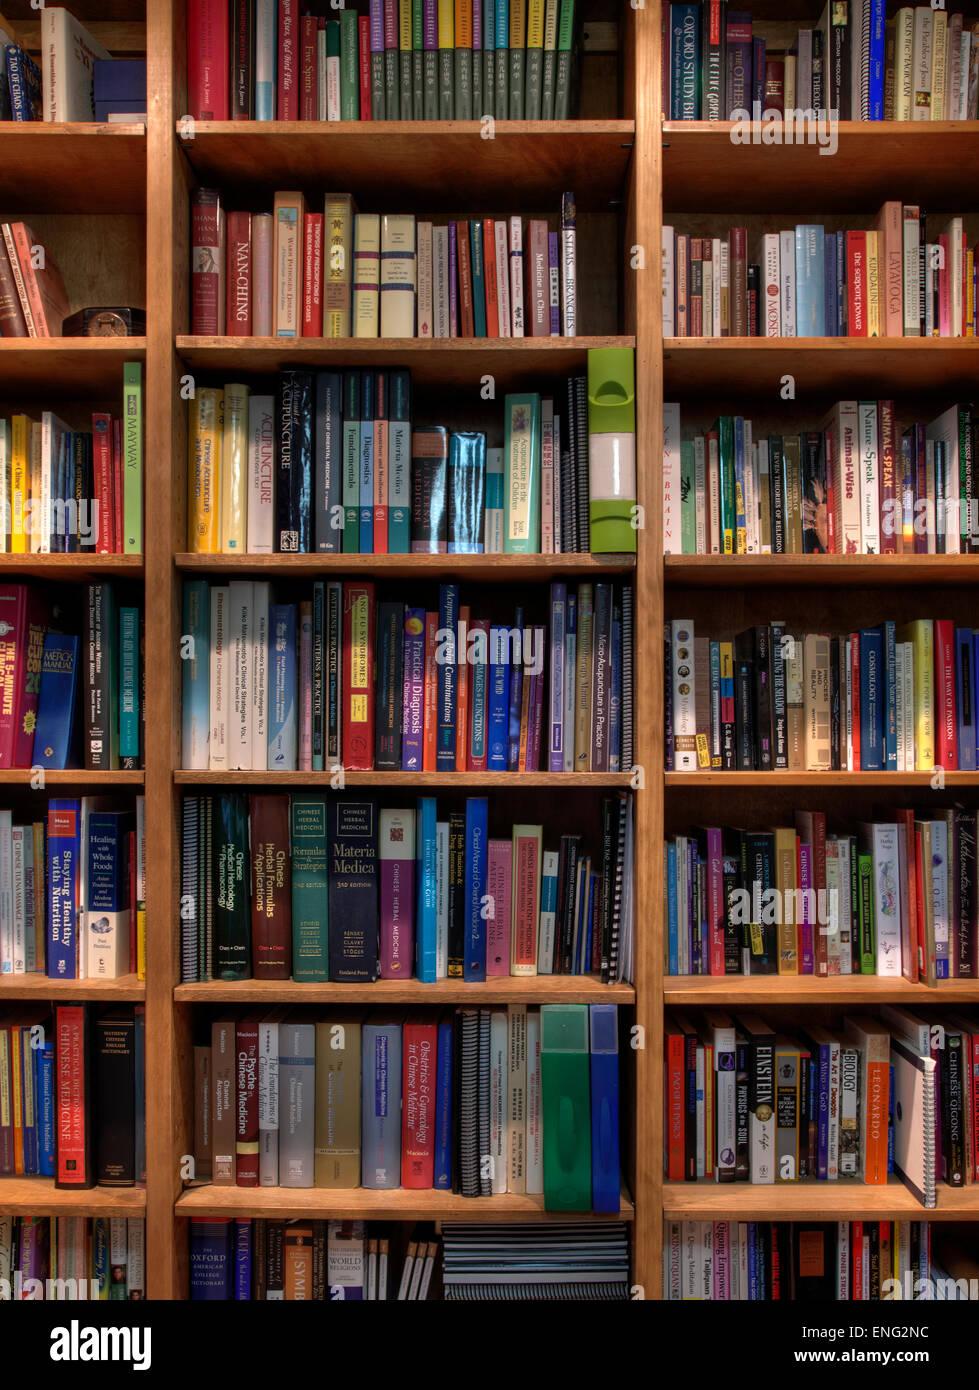 Books organized in bookshelves - Stock Image